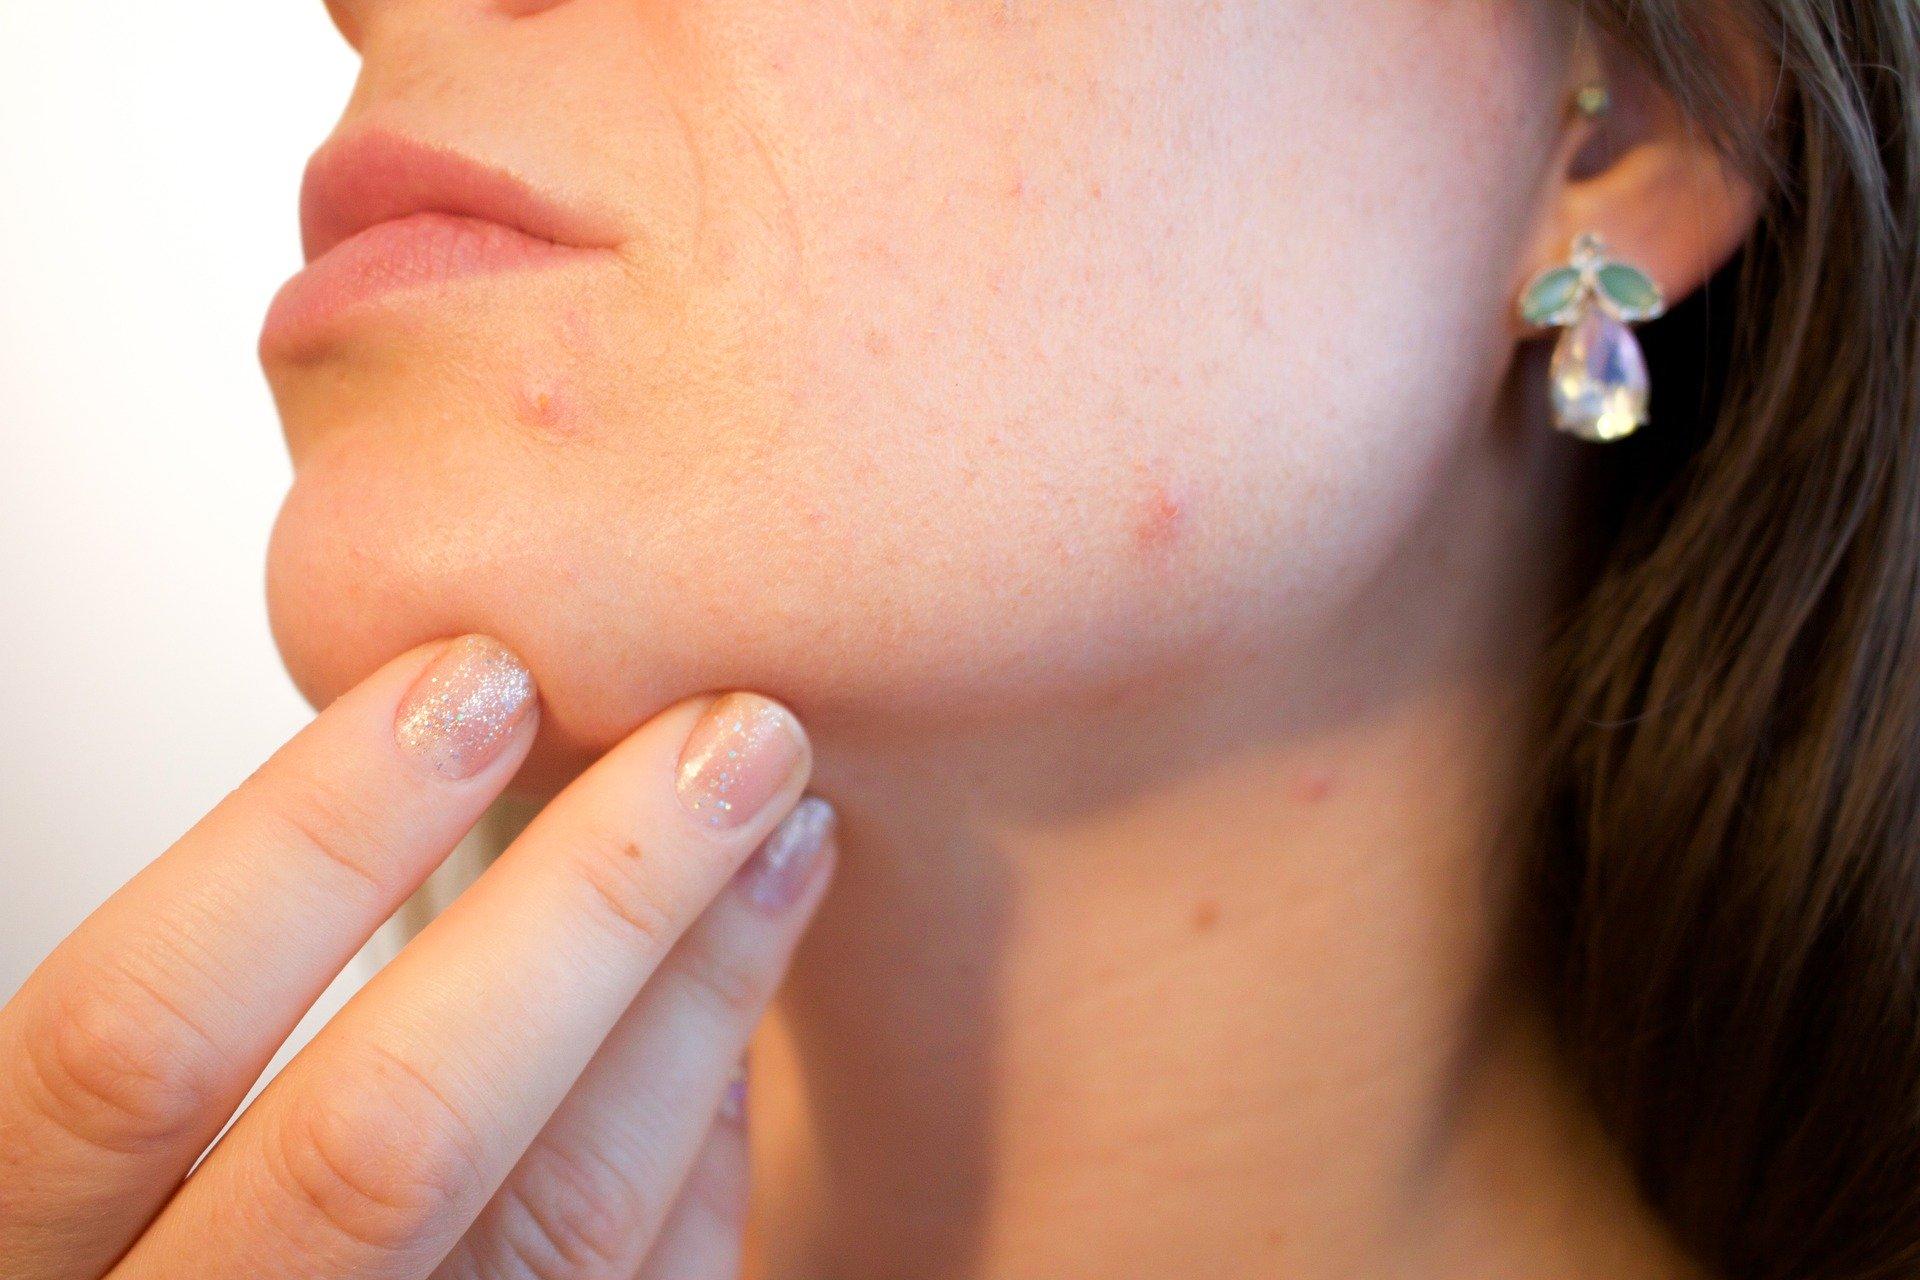 Dermatologista: procedimentos estéticos que podem ajudar